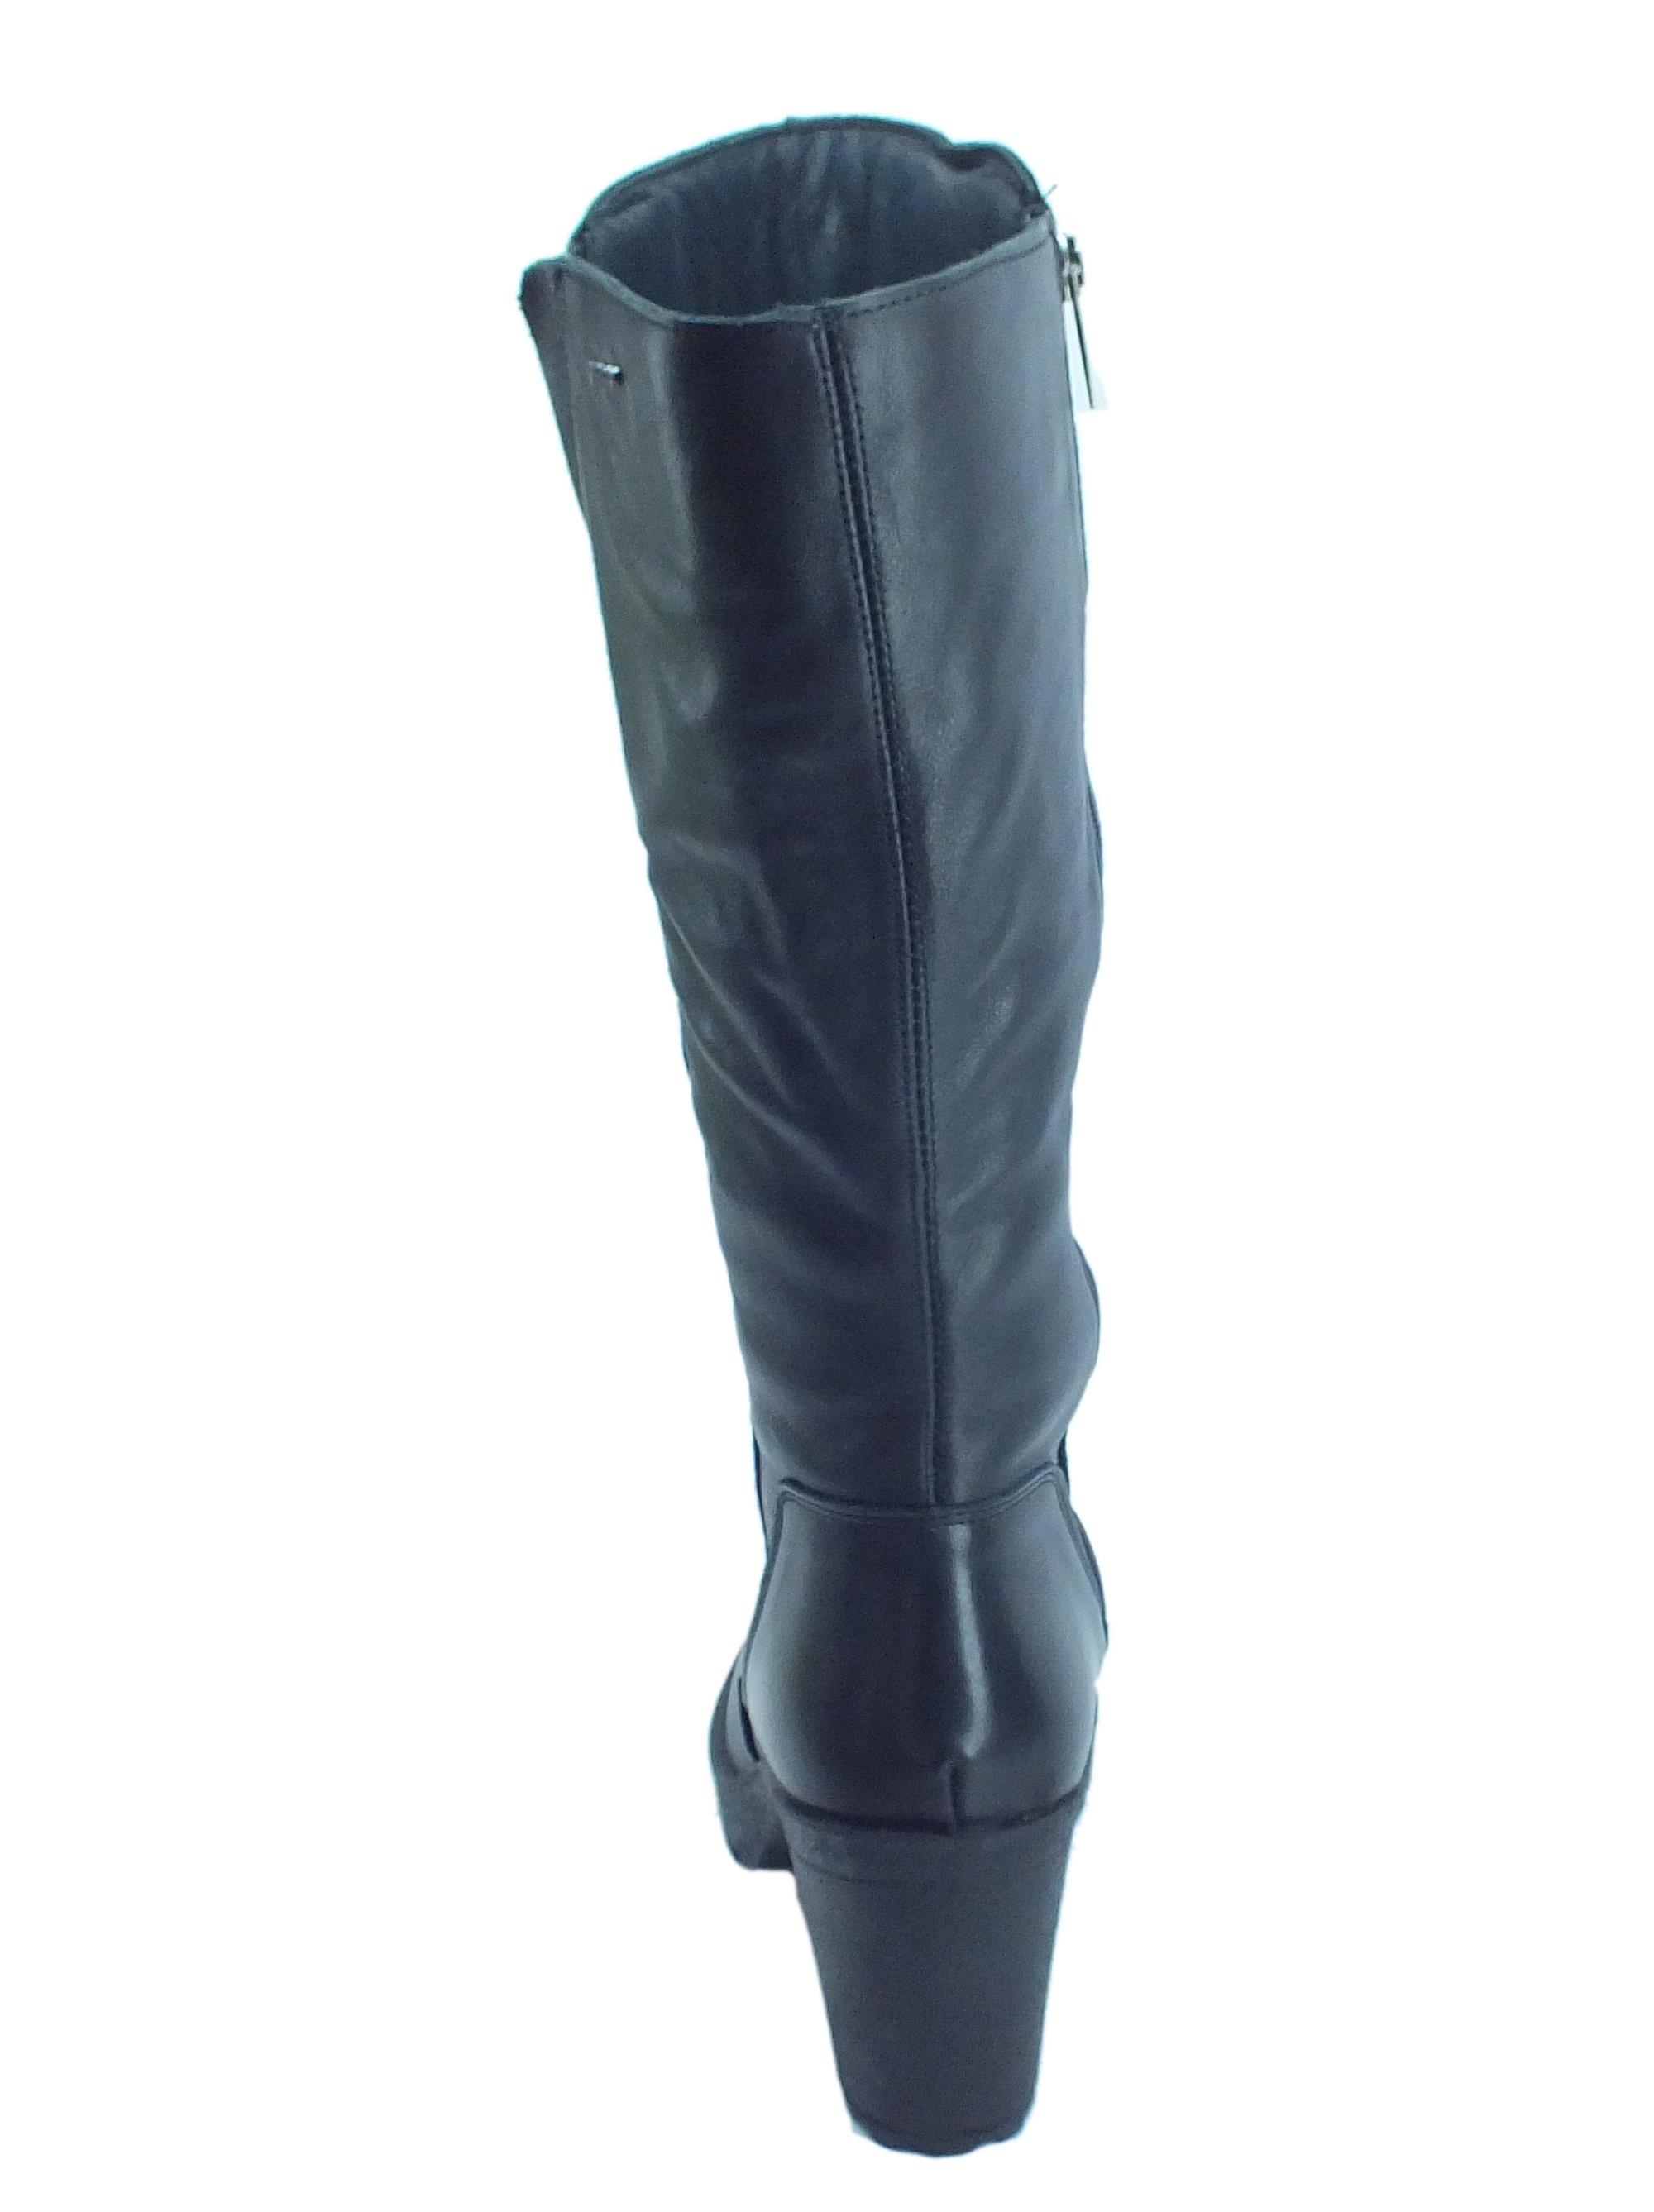 Igi&co Stivale 4186700 Nero Colour Black Taglia Donna 38 donna Tipo Stivale